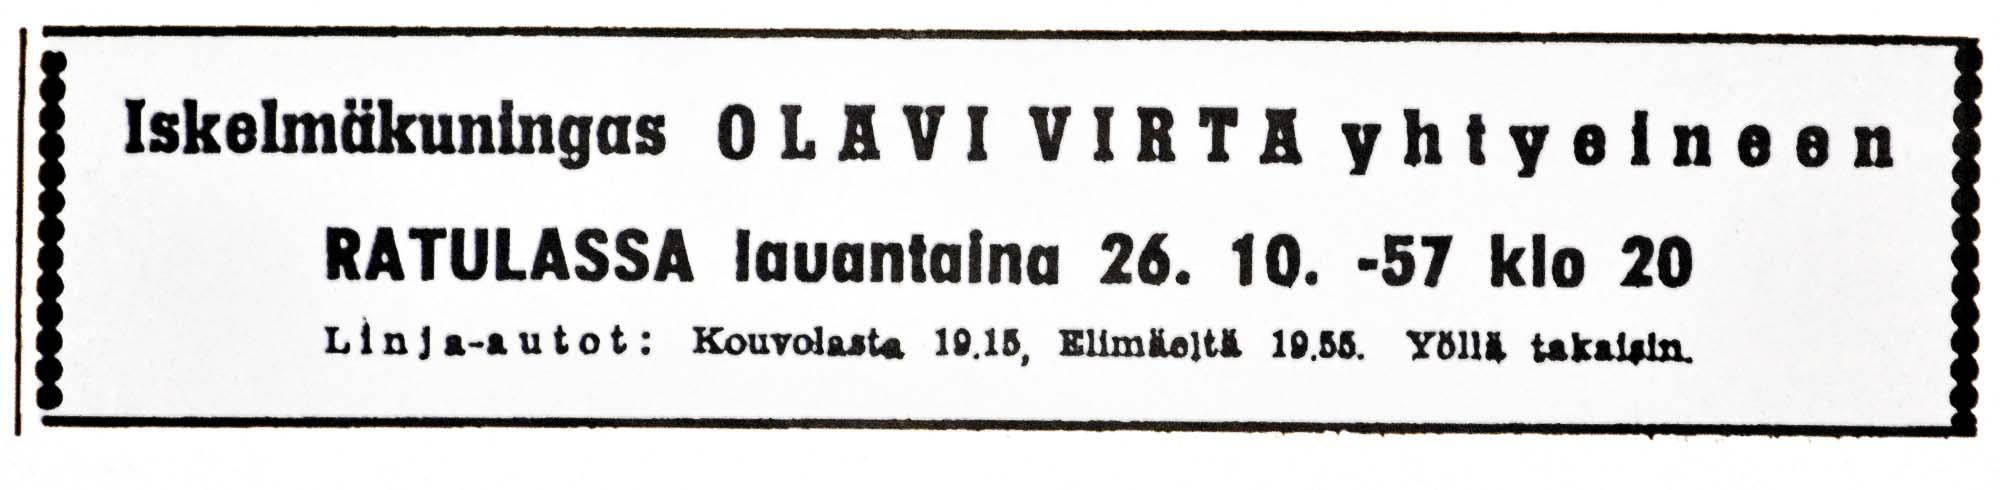 Olavi16